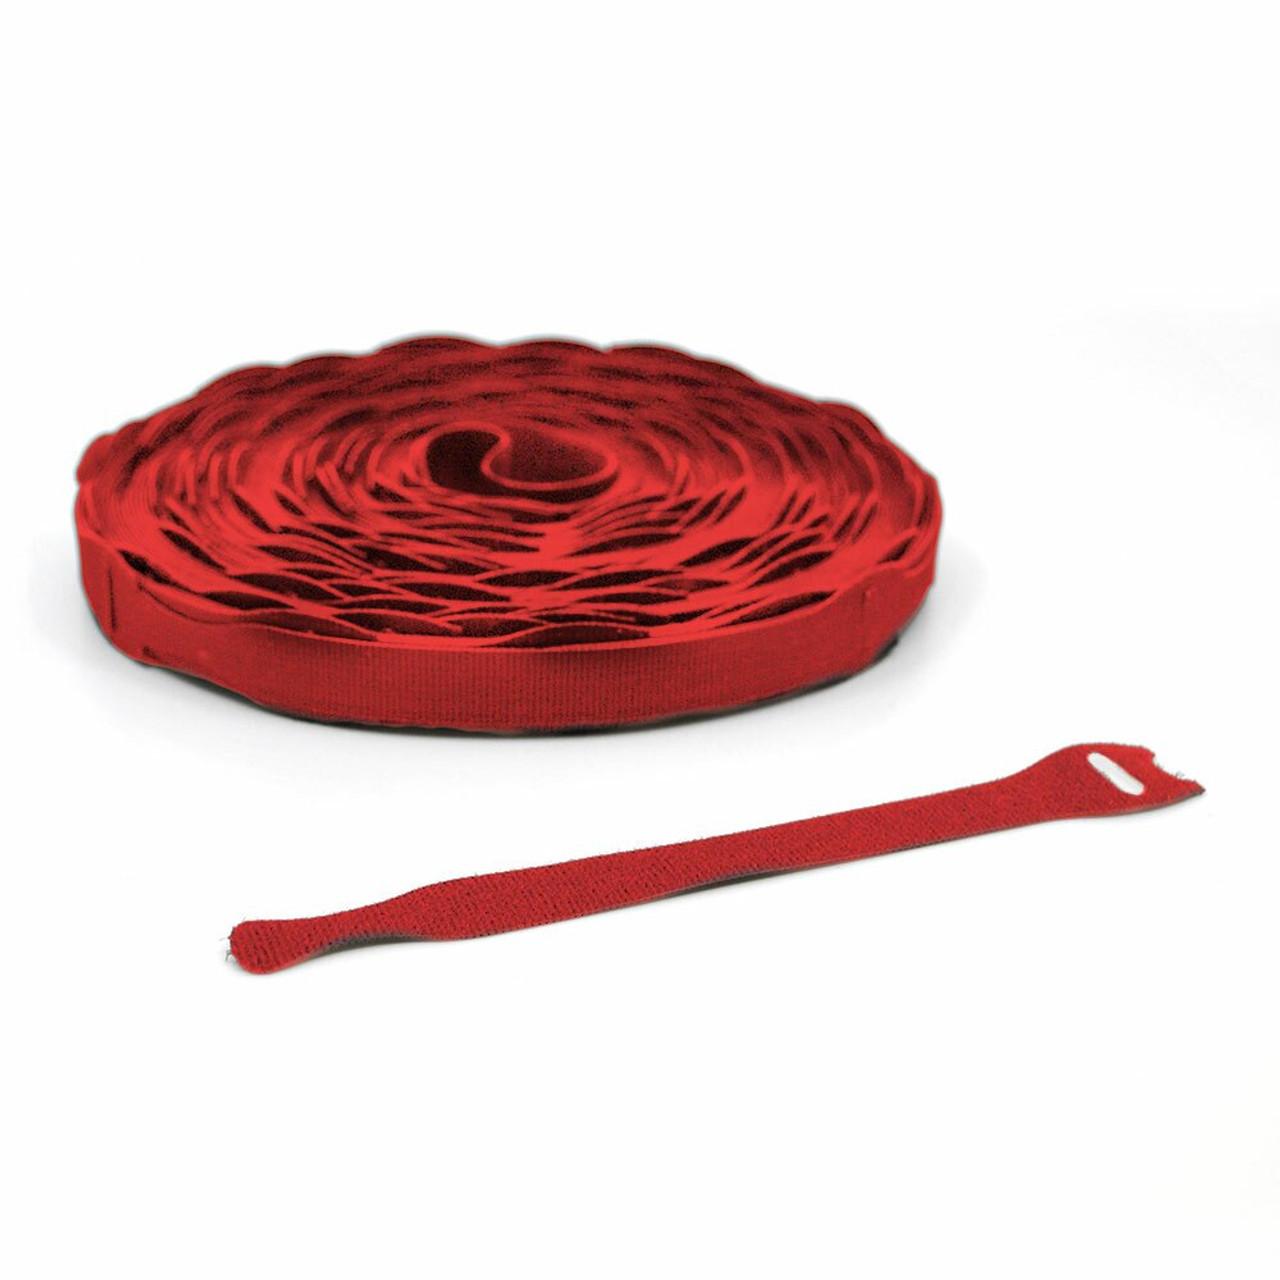 / Velcro Straps - Bundling Straps - Velcro Tie - Velcro Strap / Velcro Straps - Bundling Straps - Velcro Tie - Velcro Strap